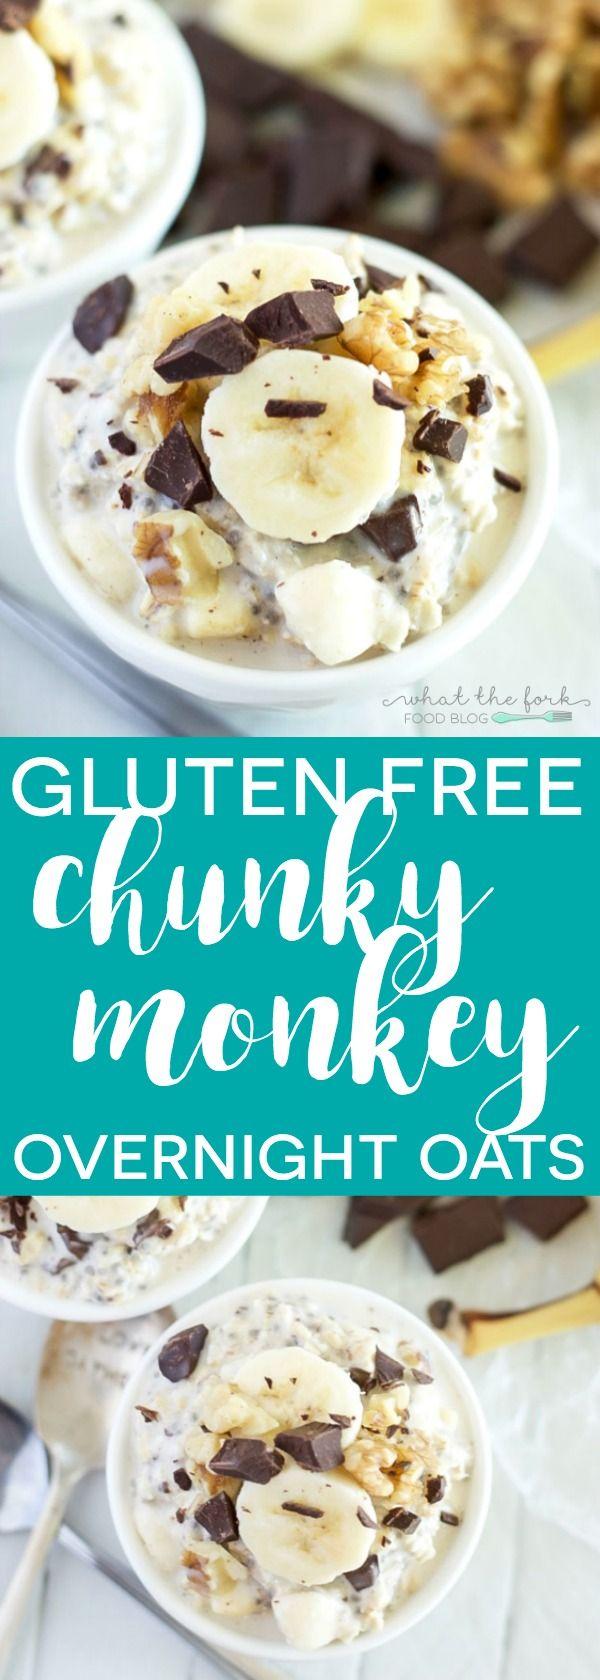 Gluten Free Chunky Monkey Overnight Oats #glutenfreebreakfasts